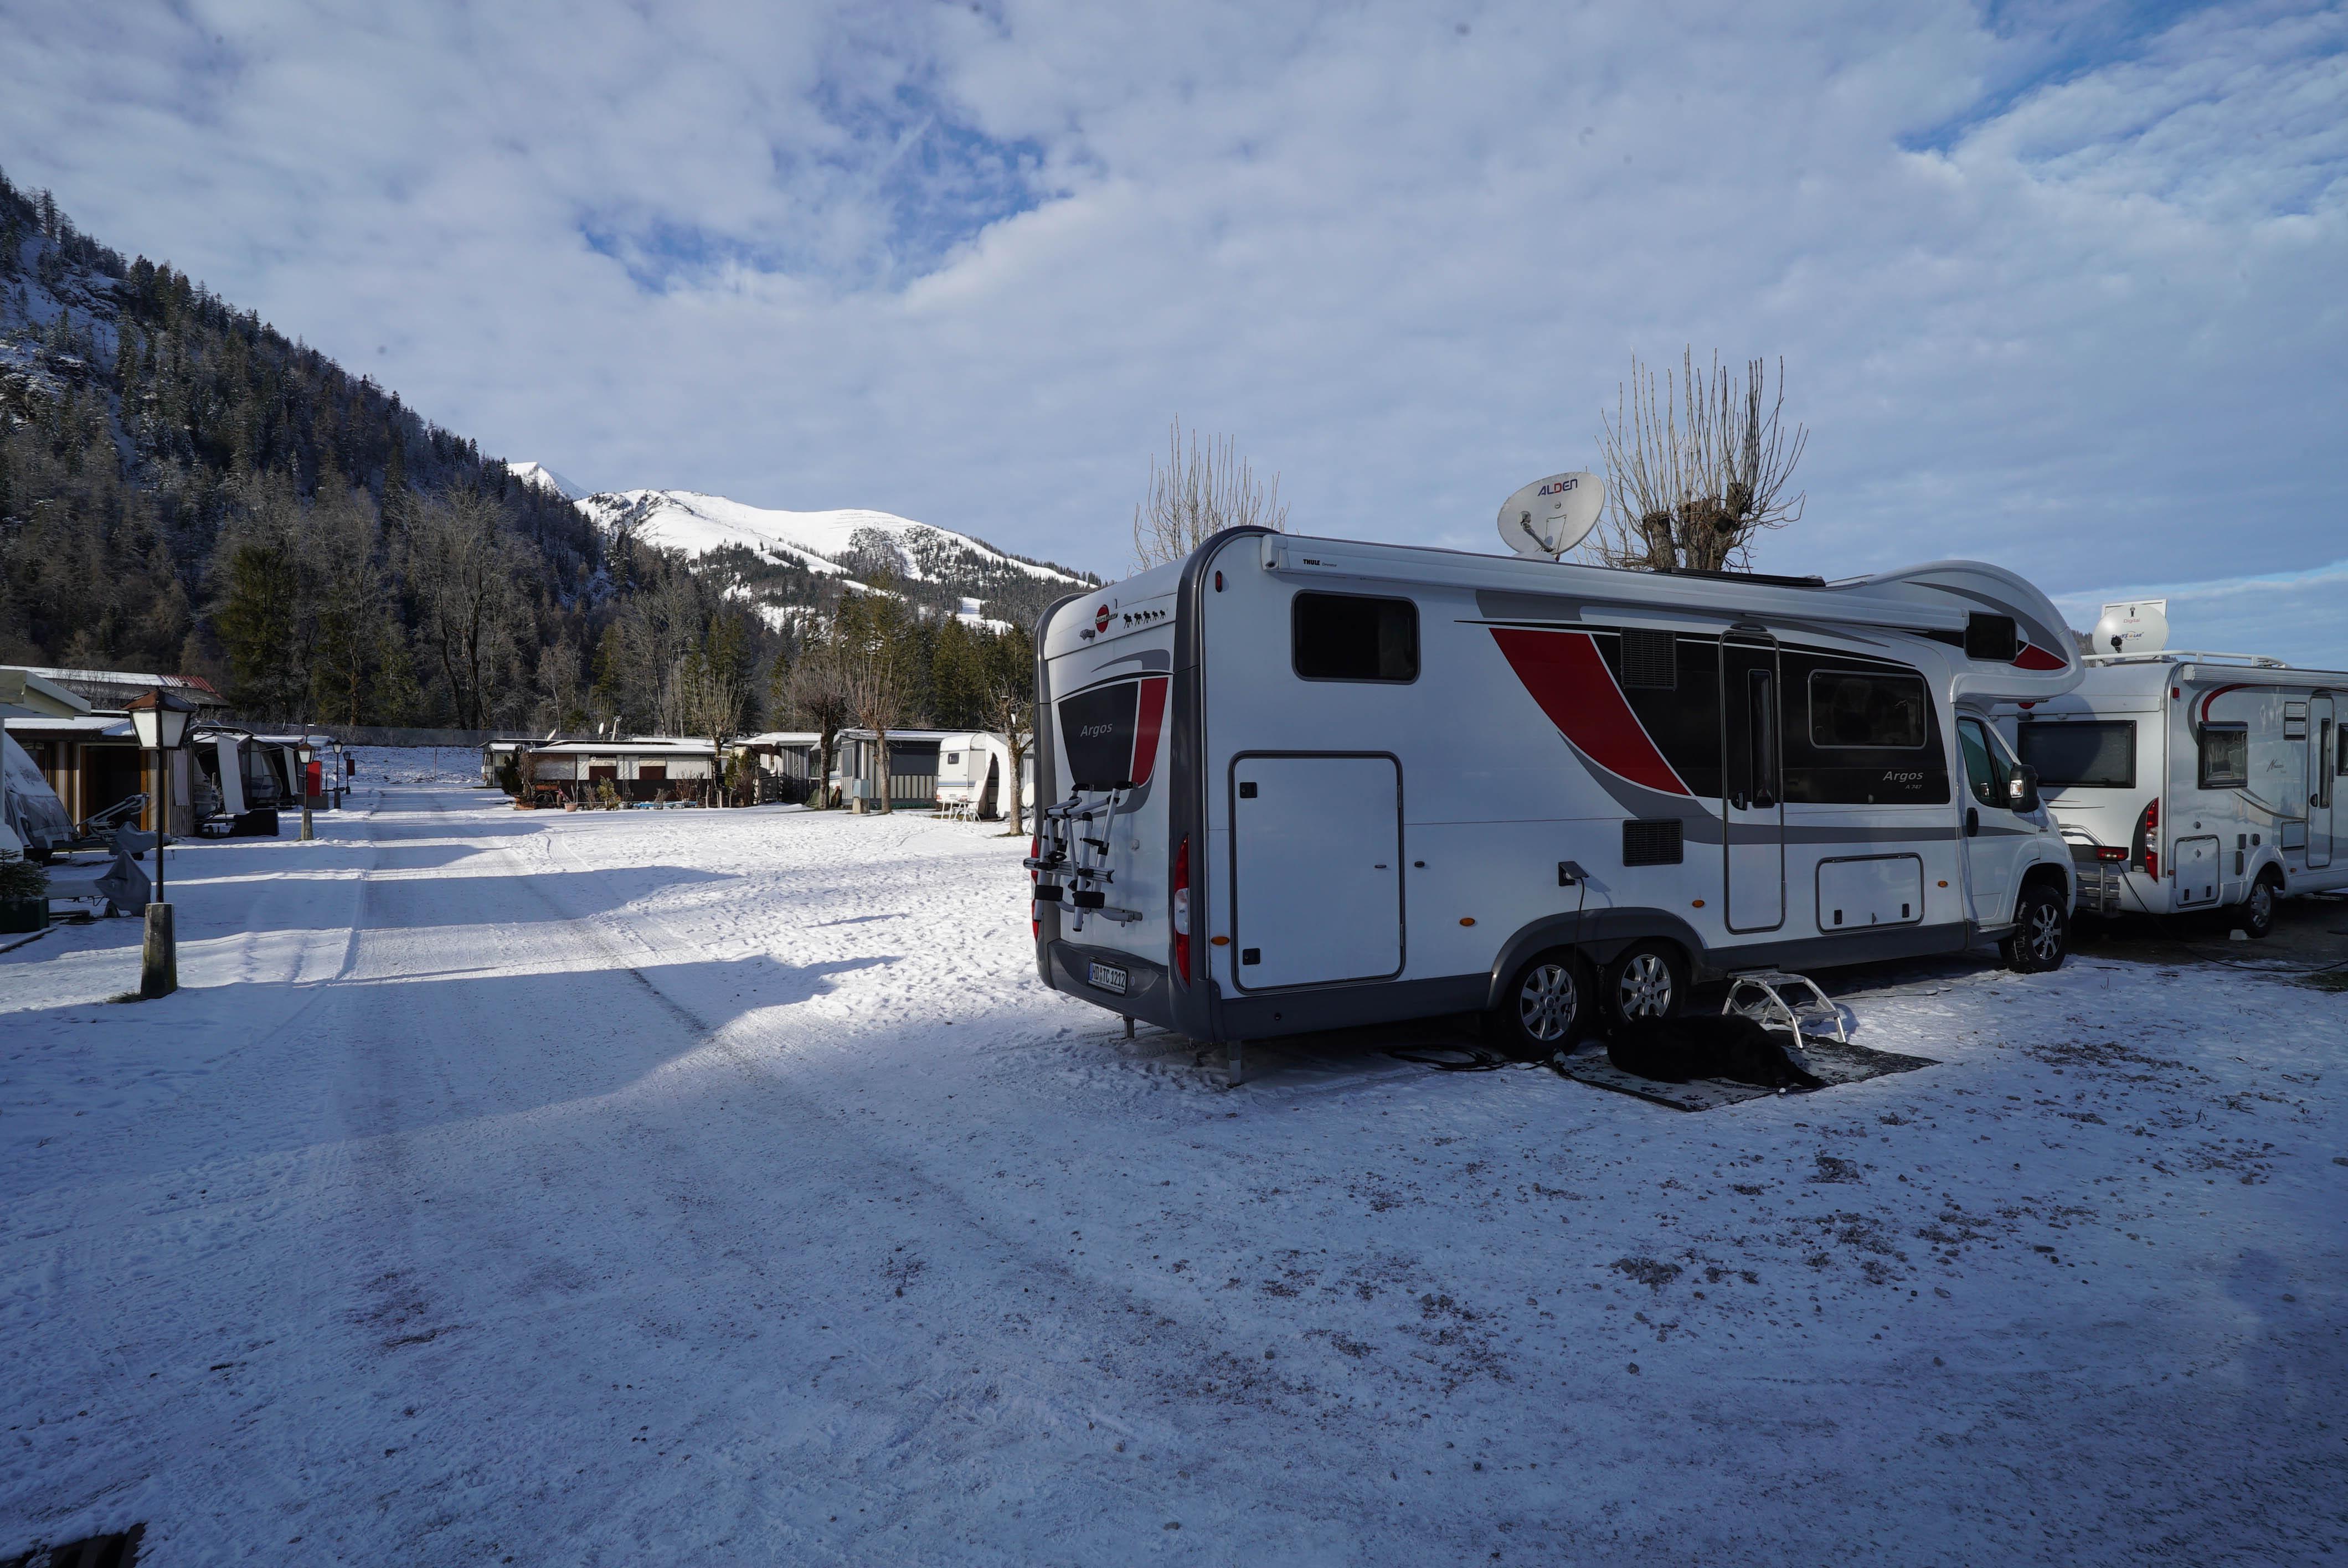 Alpen Caravanpark Achensee03